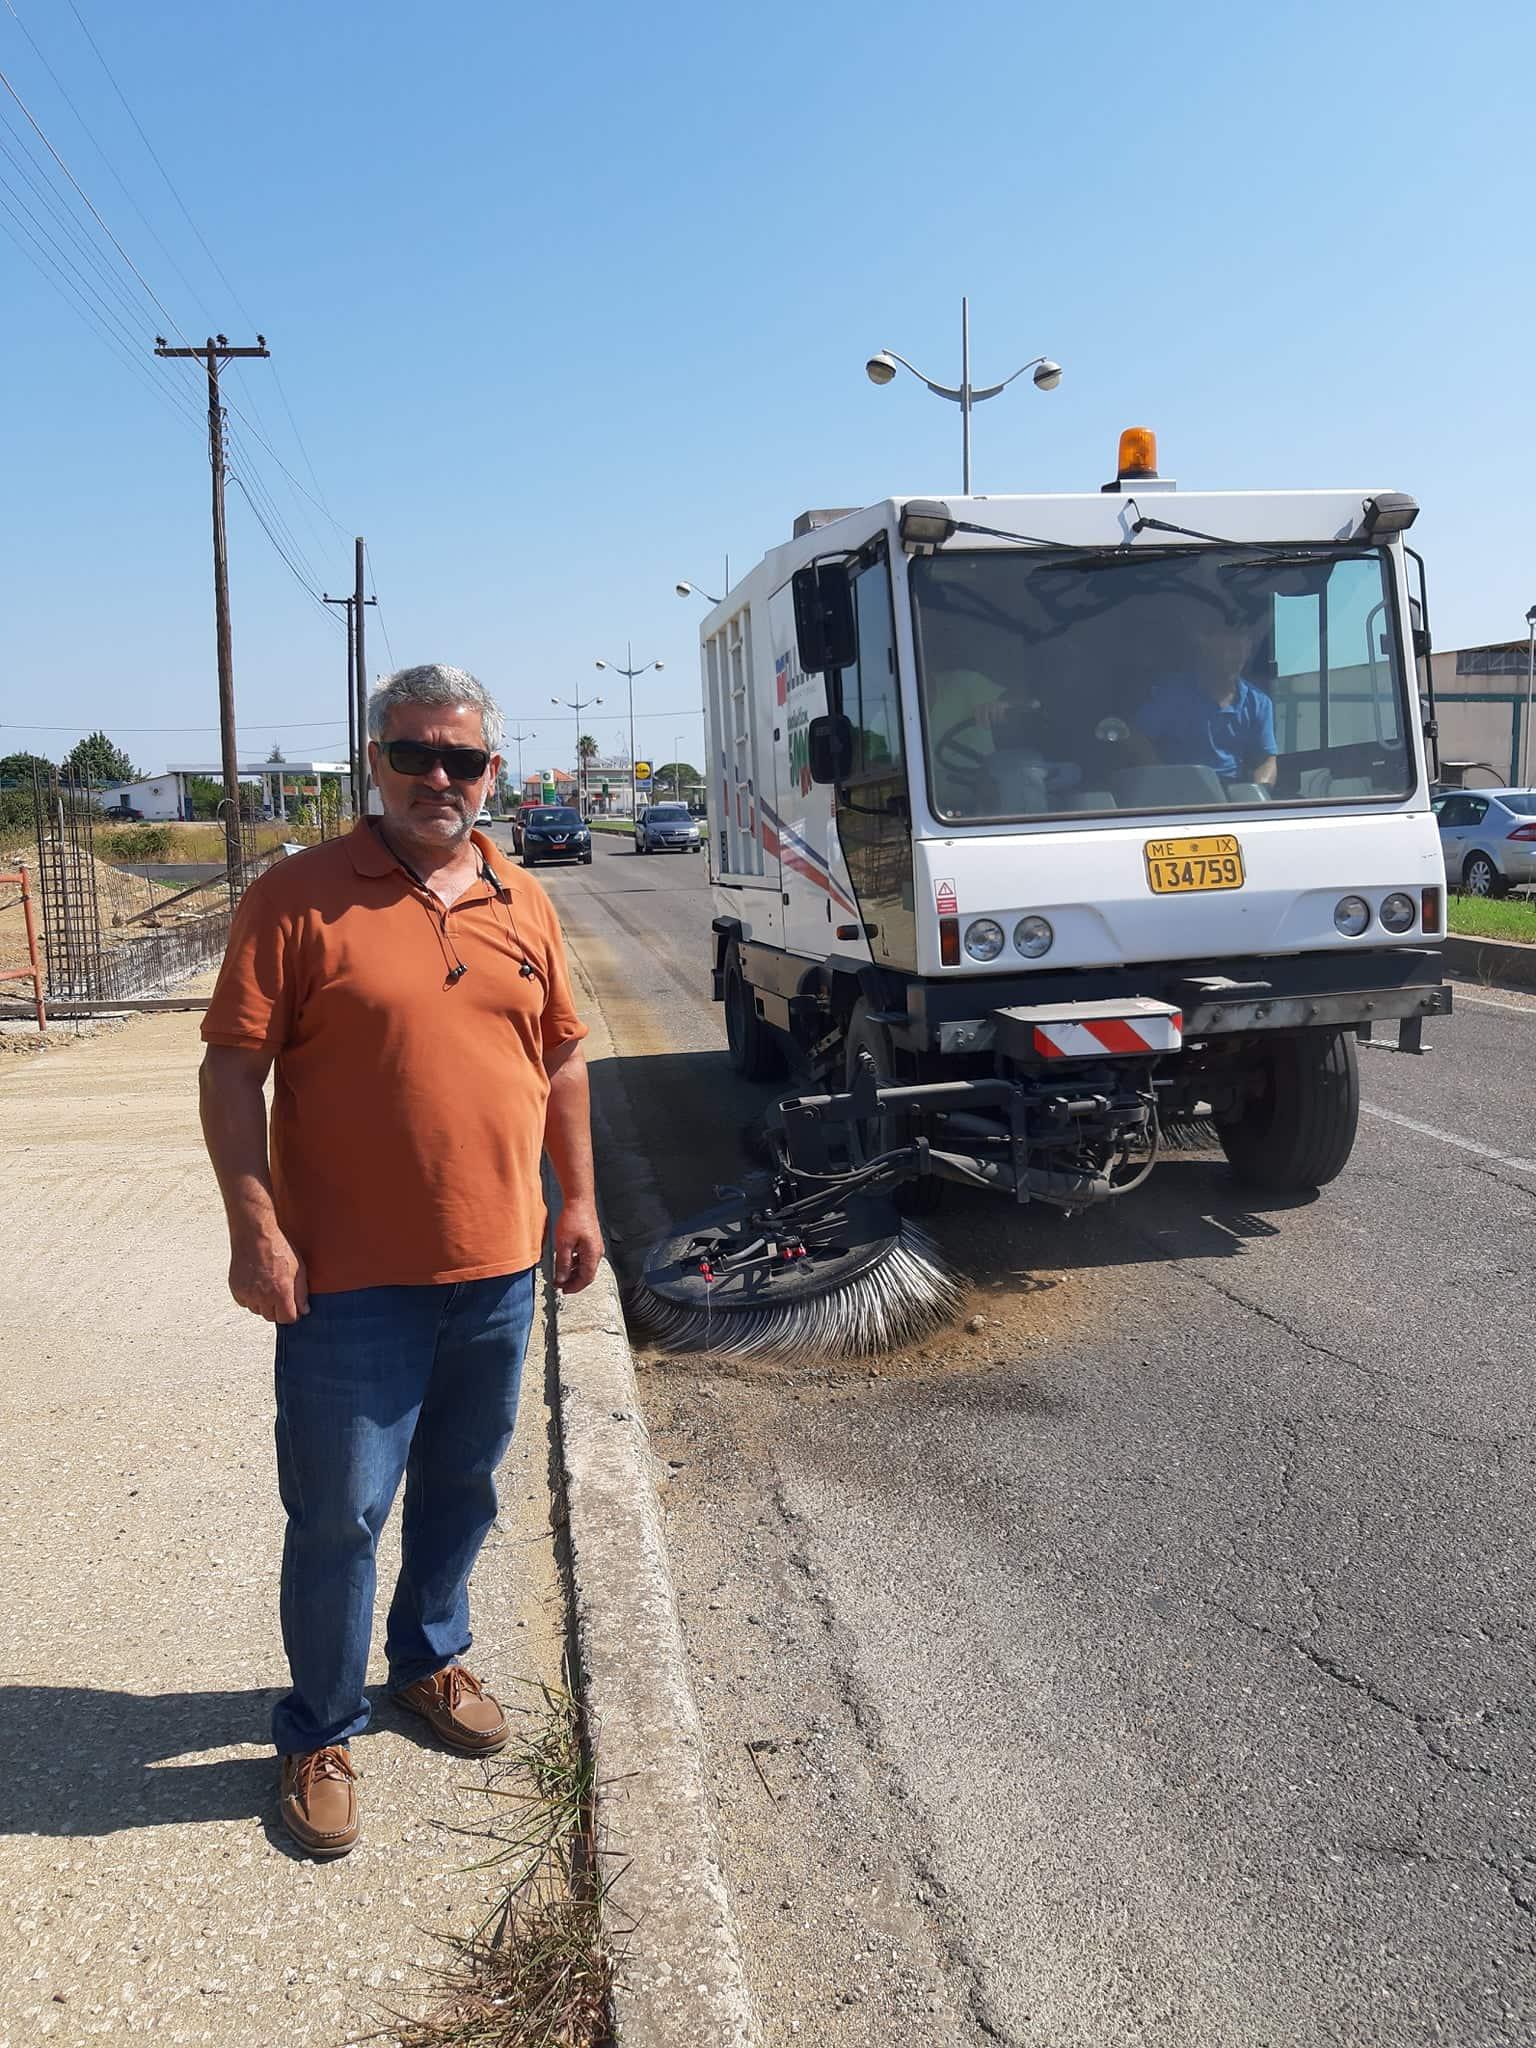 Δήμος Ήλιδας: Ομορφαίνει η είσοδος της Αμαλιάδας - Εργασίες από συνεργεία της Υπηρεσίας Καθαριότητας (photos)